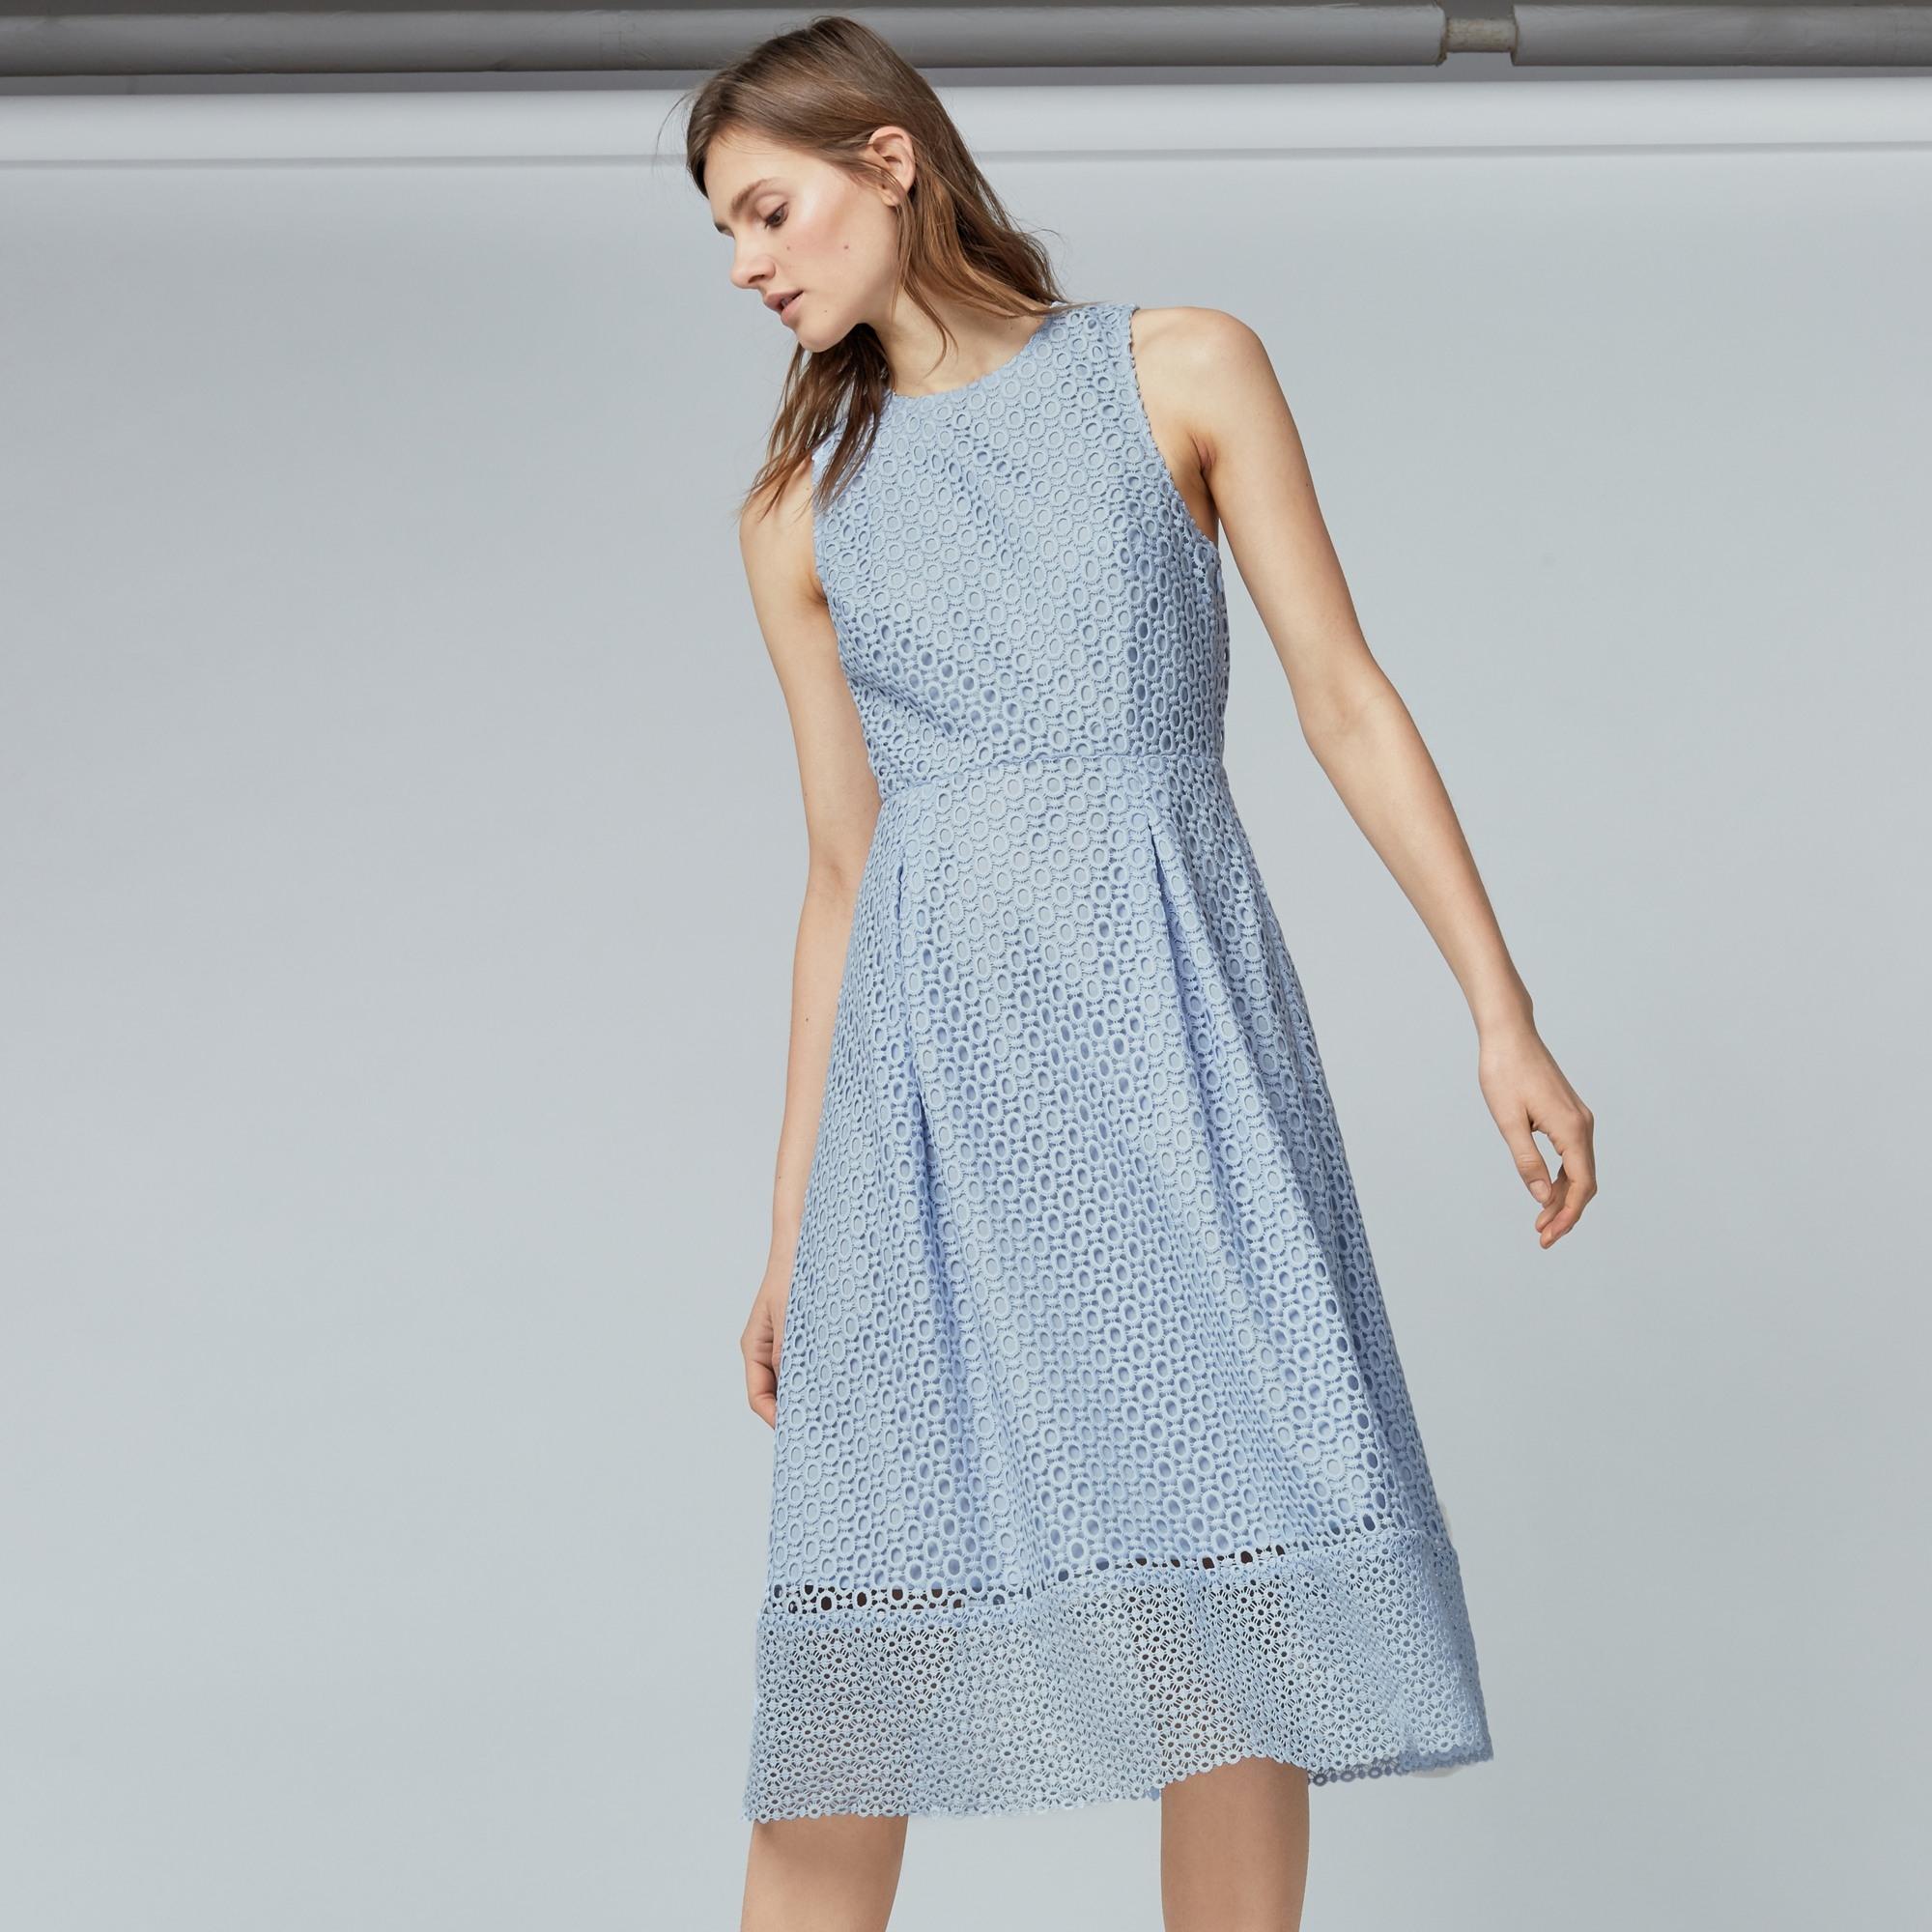 Elegant Kleid Hellblau Galerie17 Ausgezeichnet Kleid Hellblau Spezialgebiet